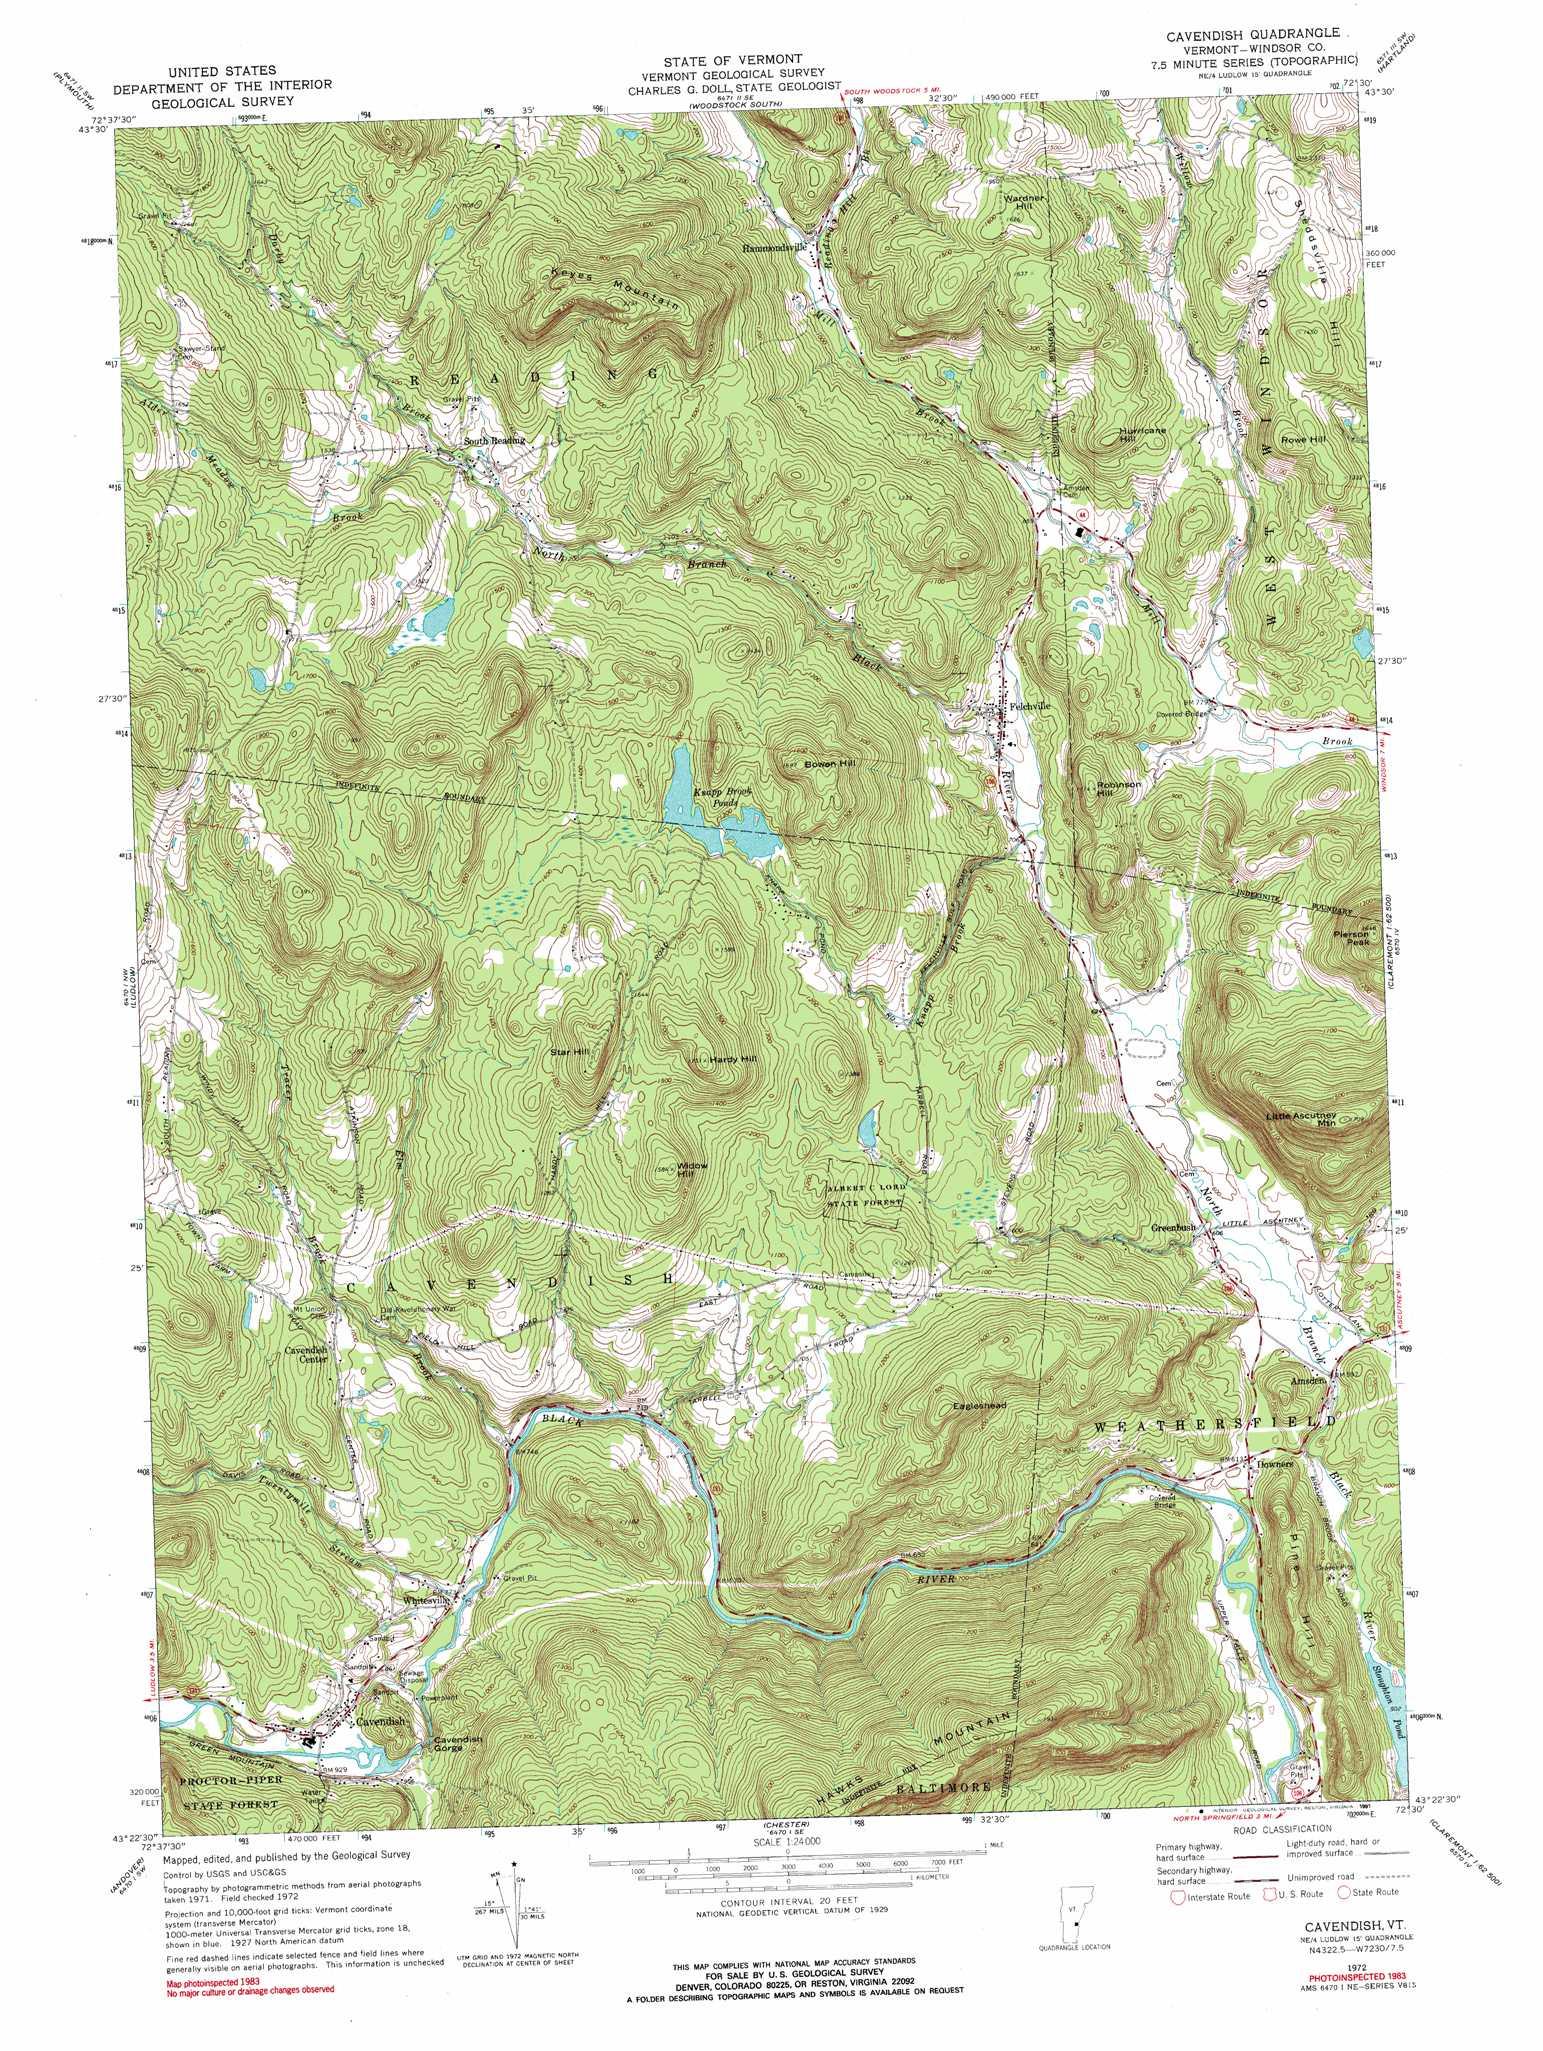 Cavendish topographic map, VT - USGS Topo Quad 43072d5